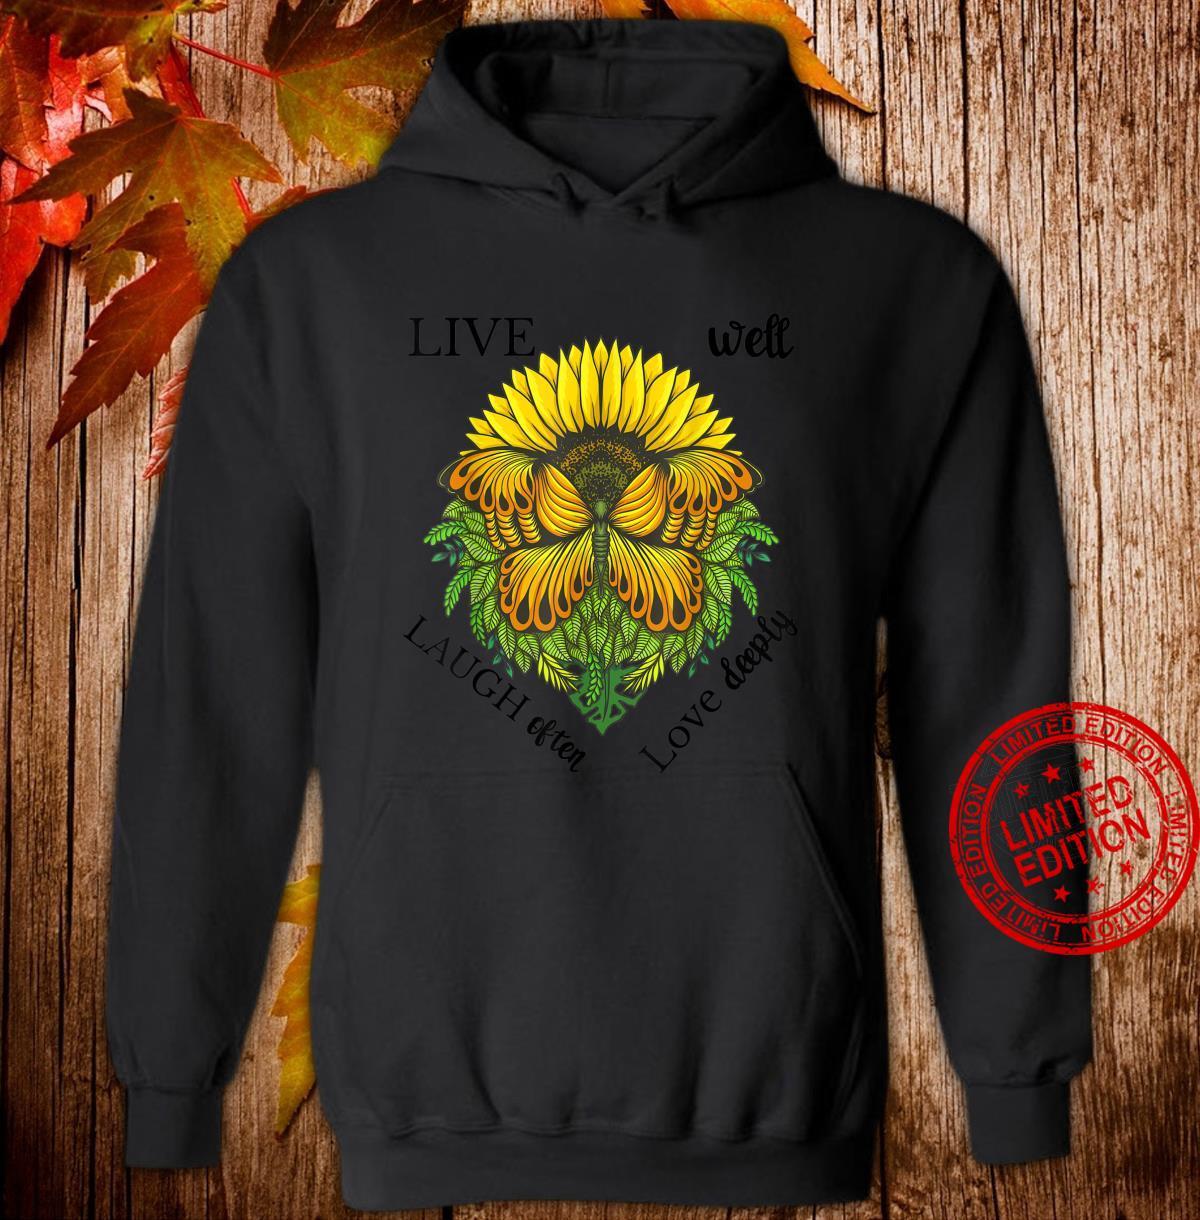 Sunflower Butterfly Shirt,Live Well Laugh Often Love Deeply Shirt hoodie